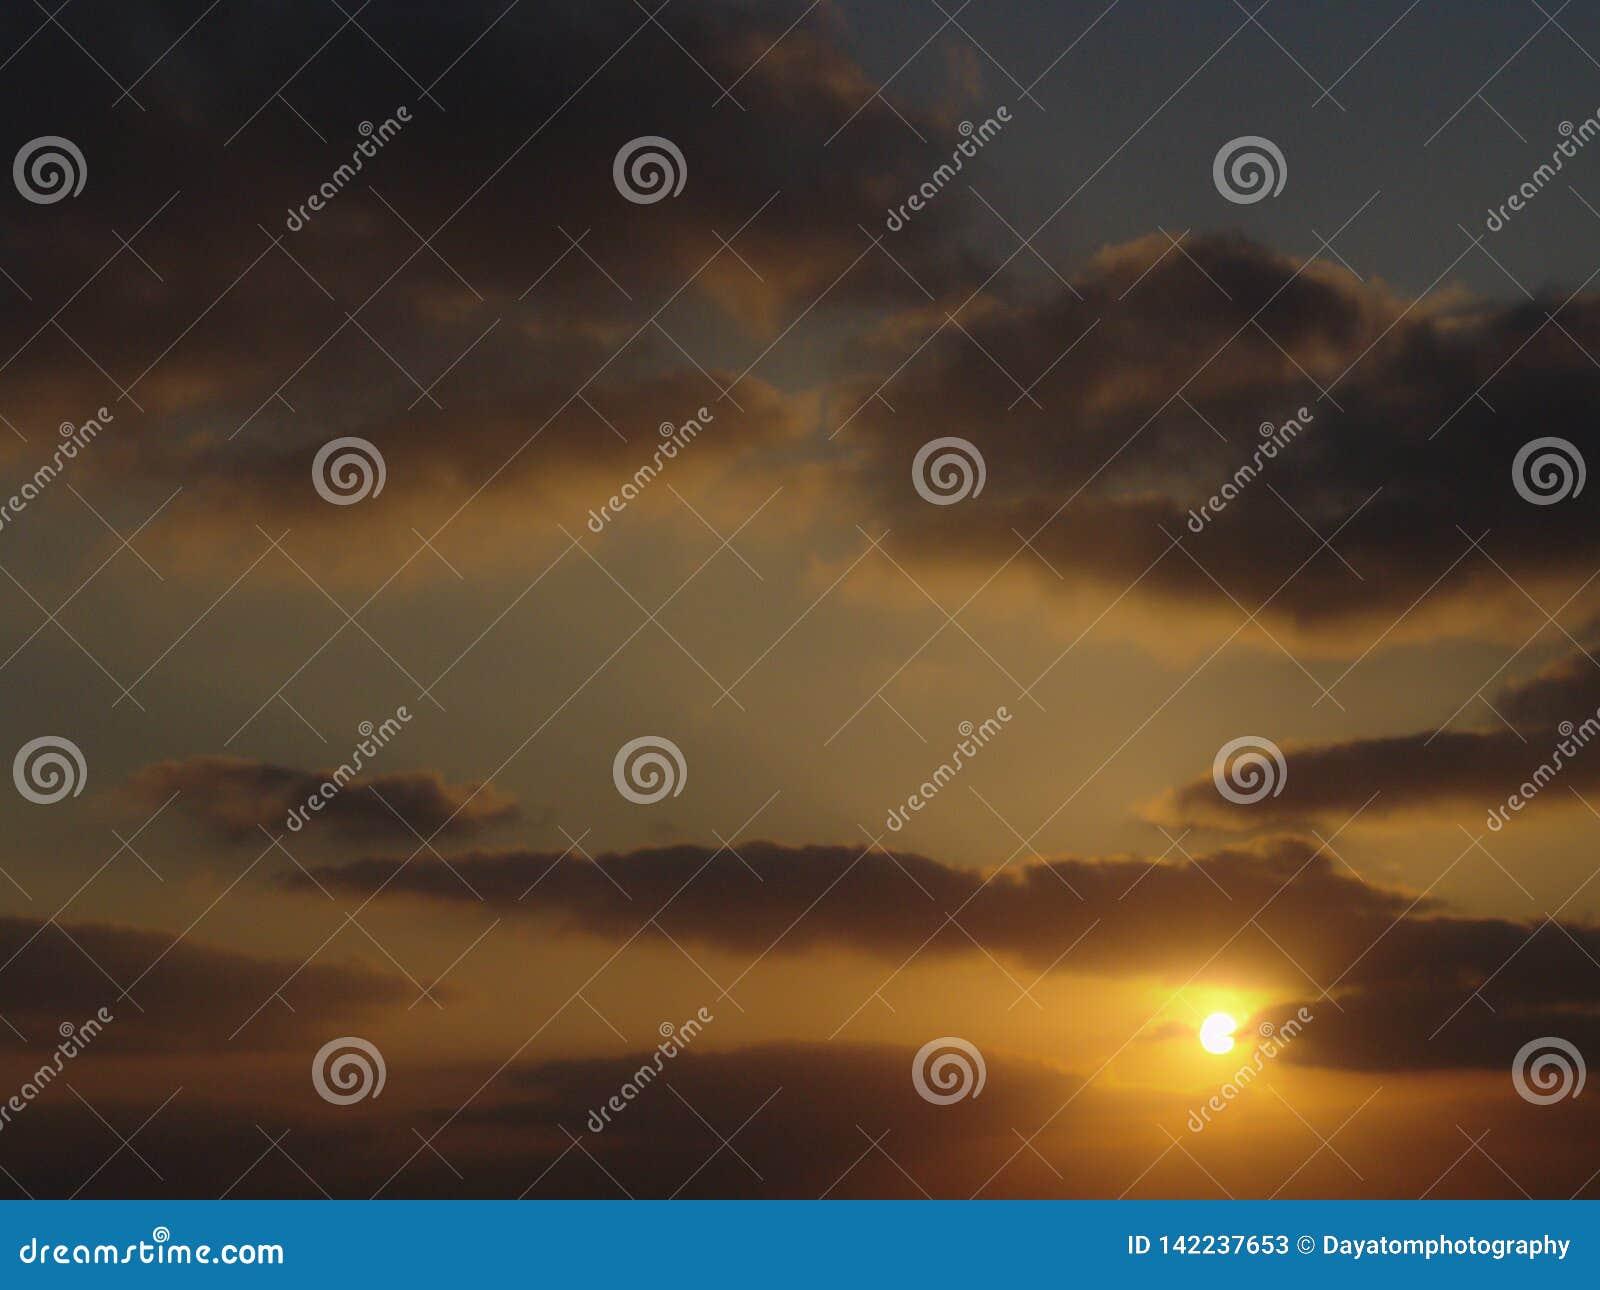 Golden light sunset view of a cloudy sky, sun hiding near yellow orange dark clouds